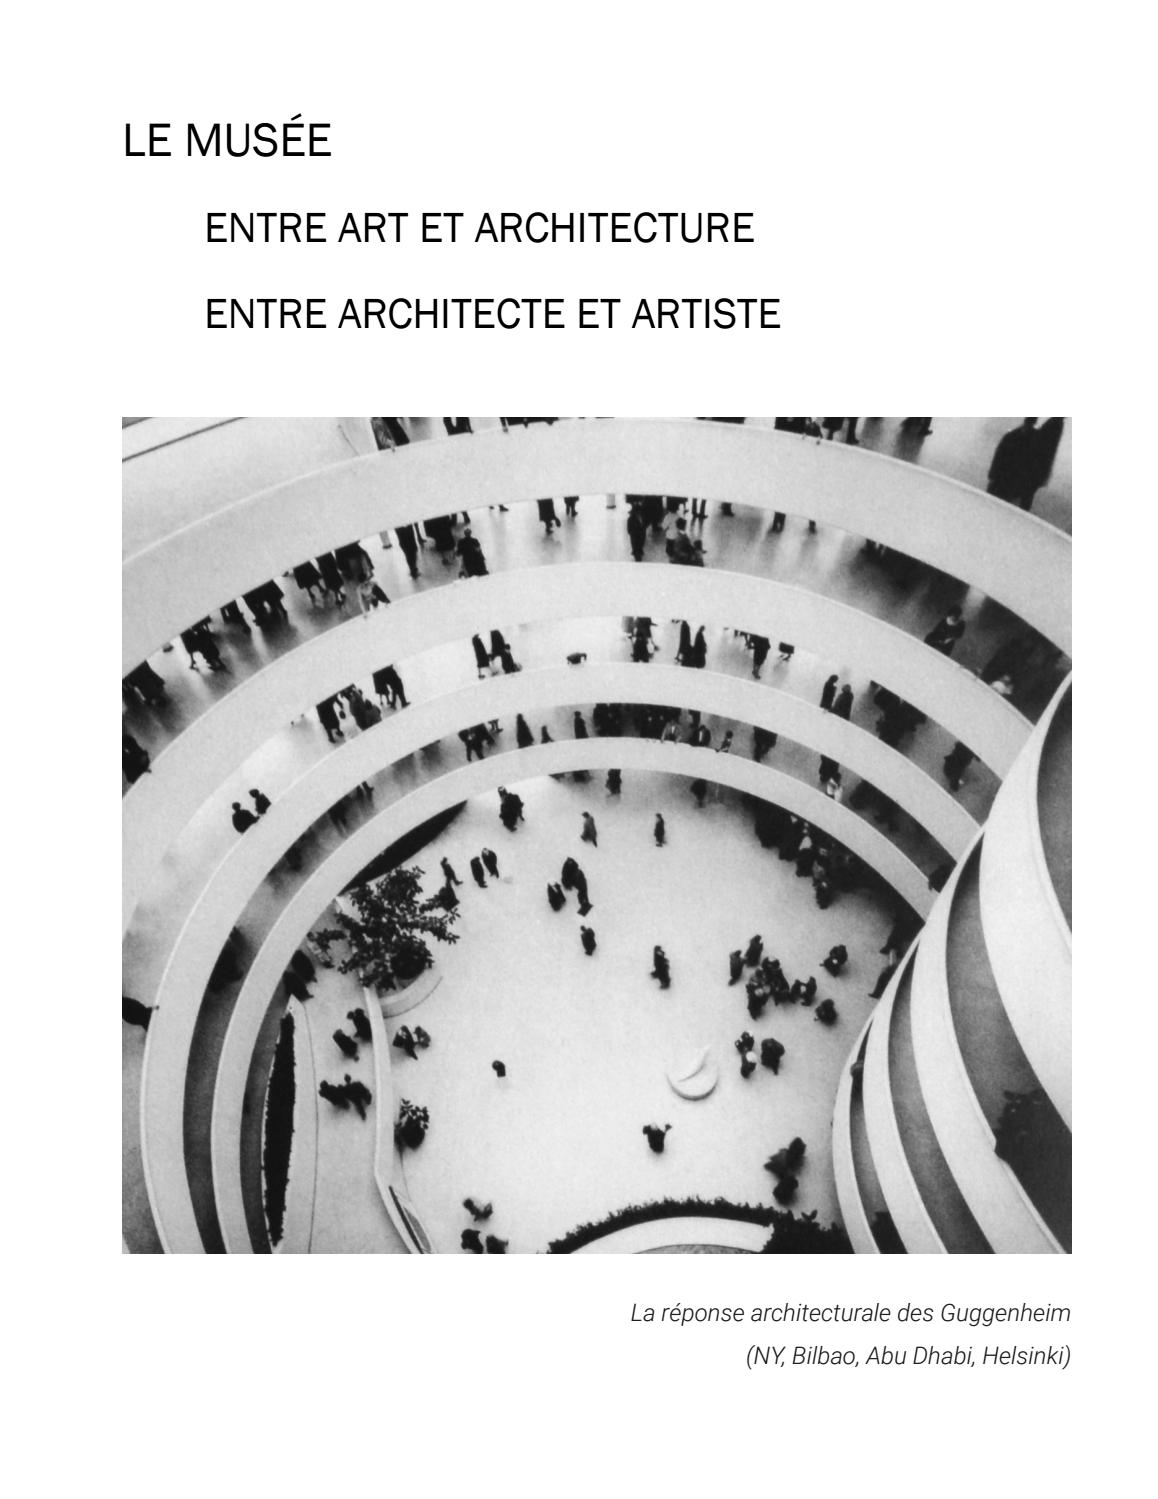 Falasca giulia le mus e entre art et architecture entre for Architecture et art